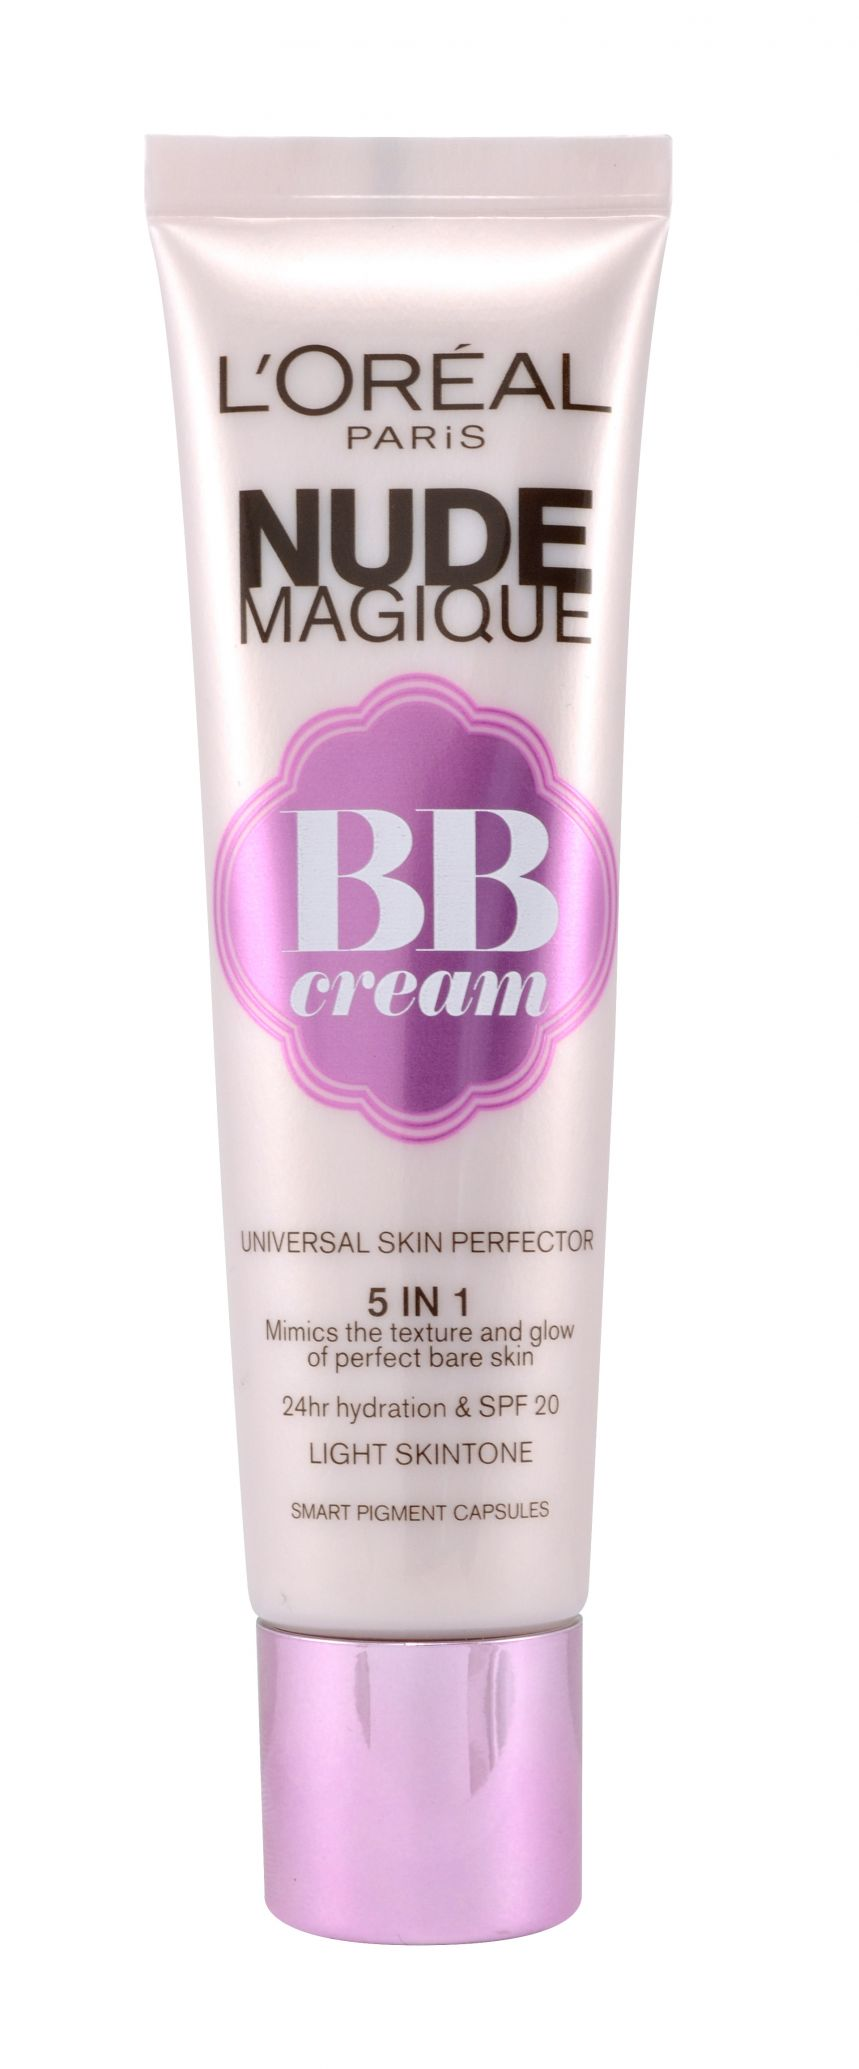 Nude magique bb cream - BB kreem Loreal Paris hind